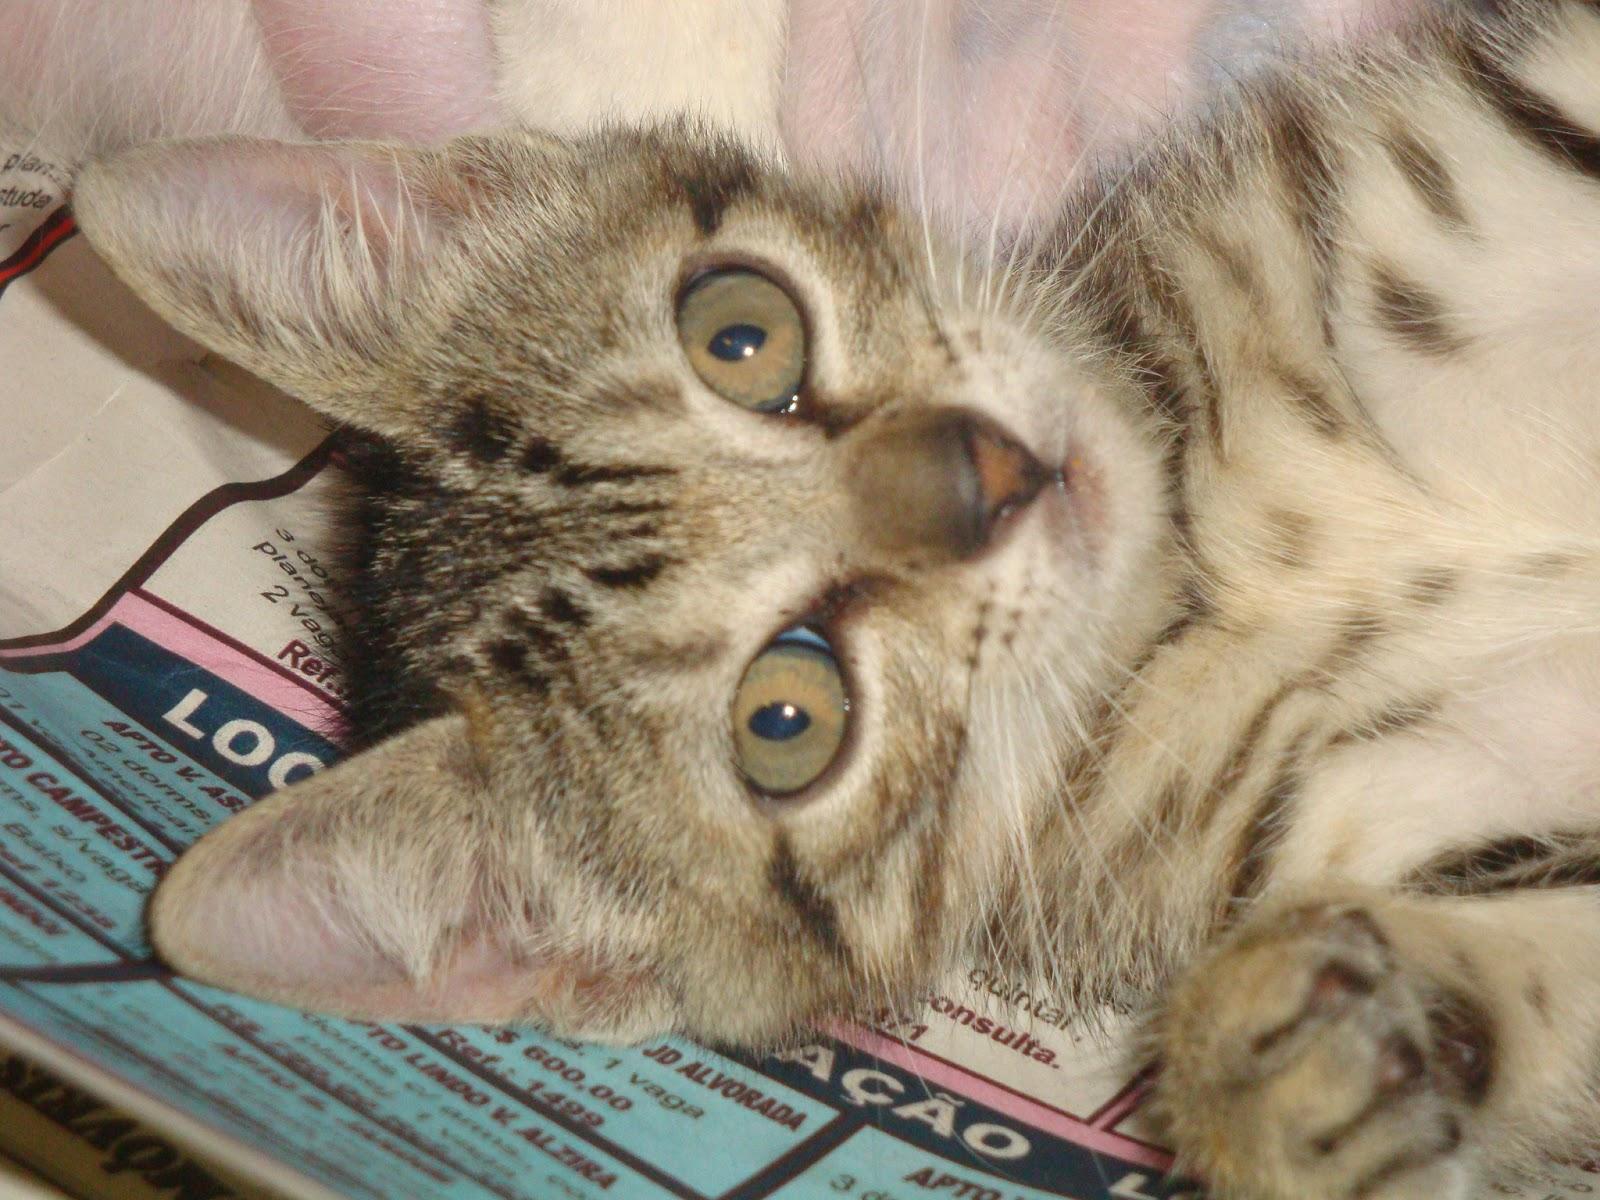 Infecção urinária em gatos - Confira os sintomas no Bichano... (3/3)